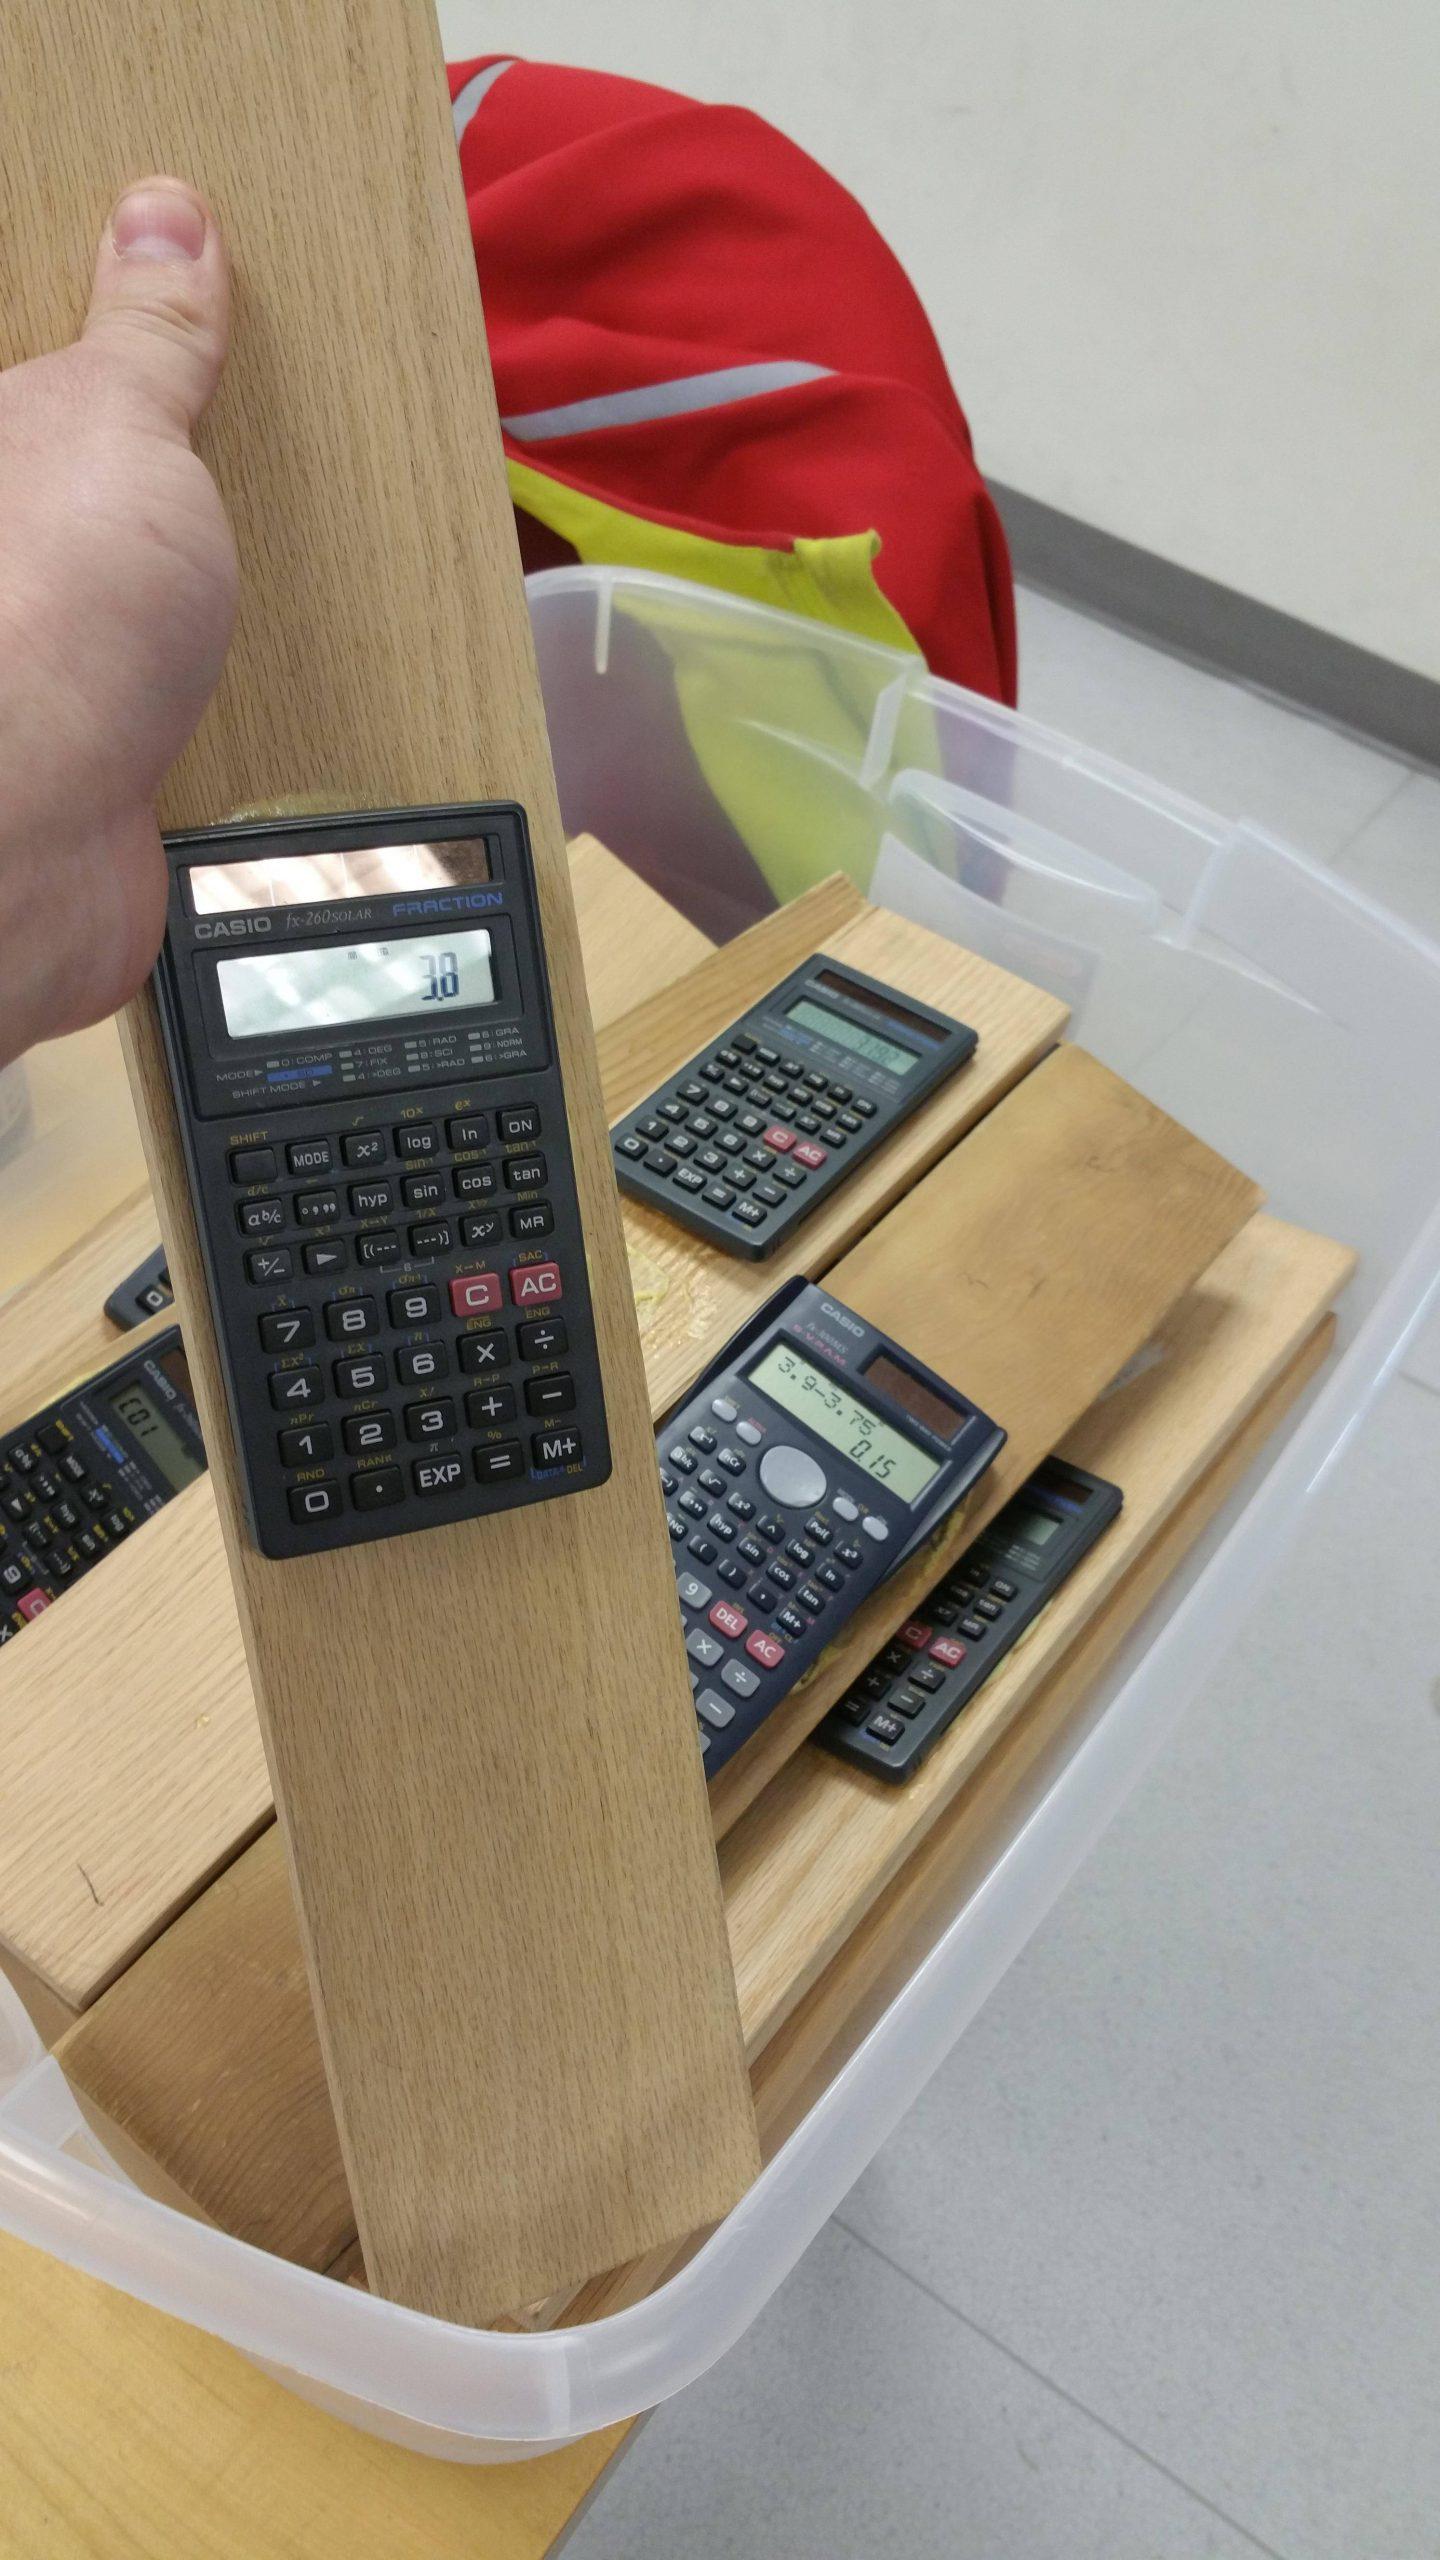 calculadoras a prueba de ladrones